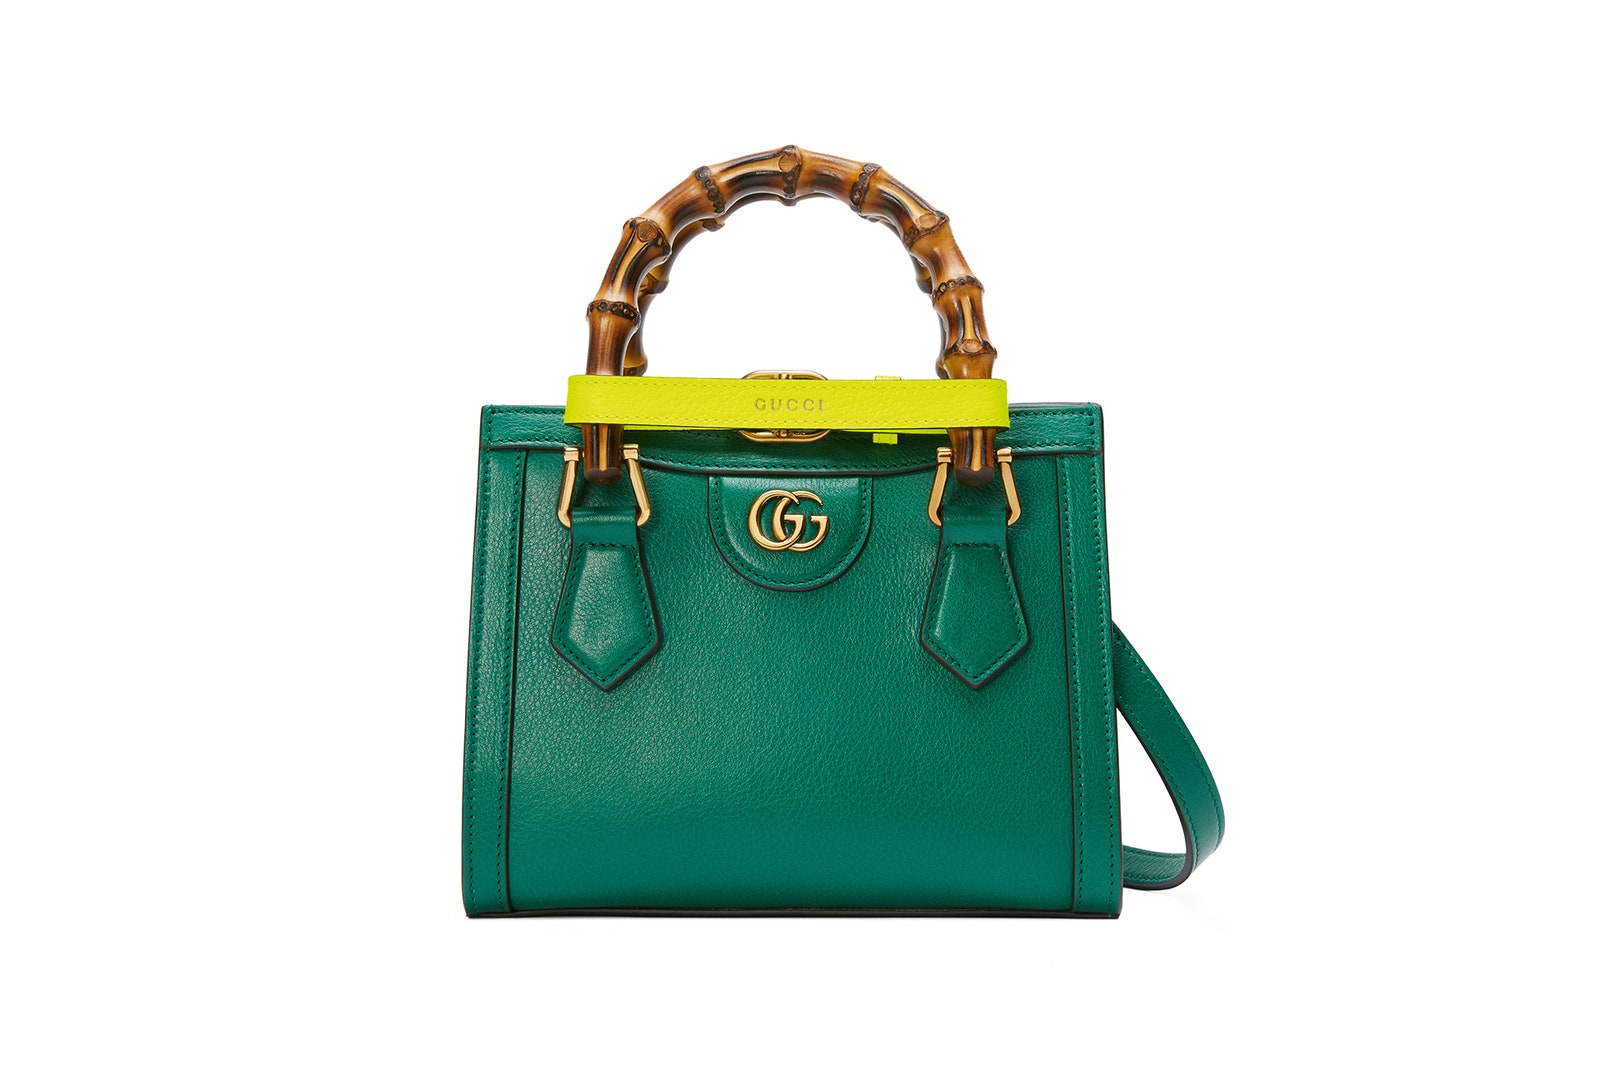 Túi Gucci Diana small tote màu xanh ngọc lục bảo có giá $3,100.